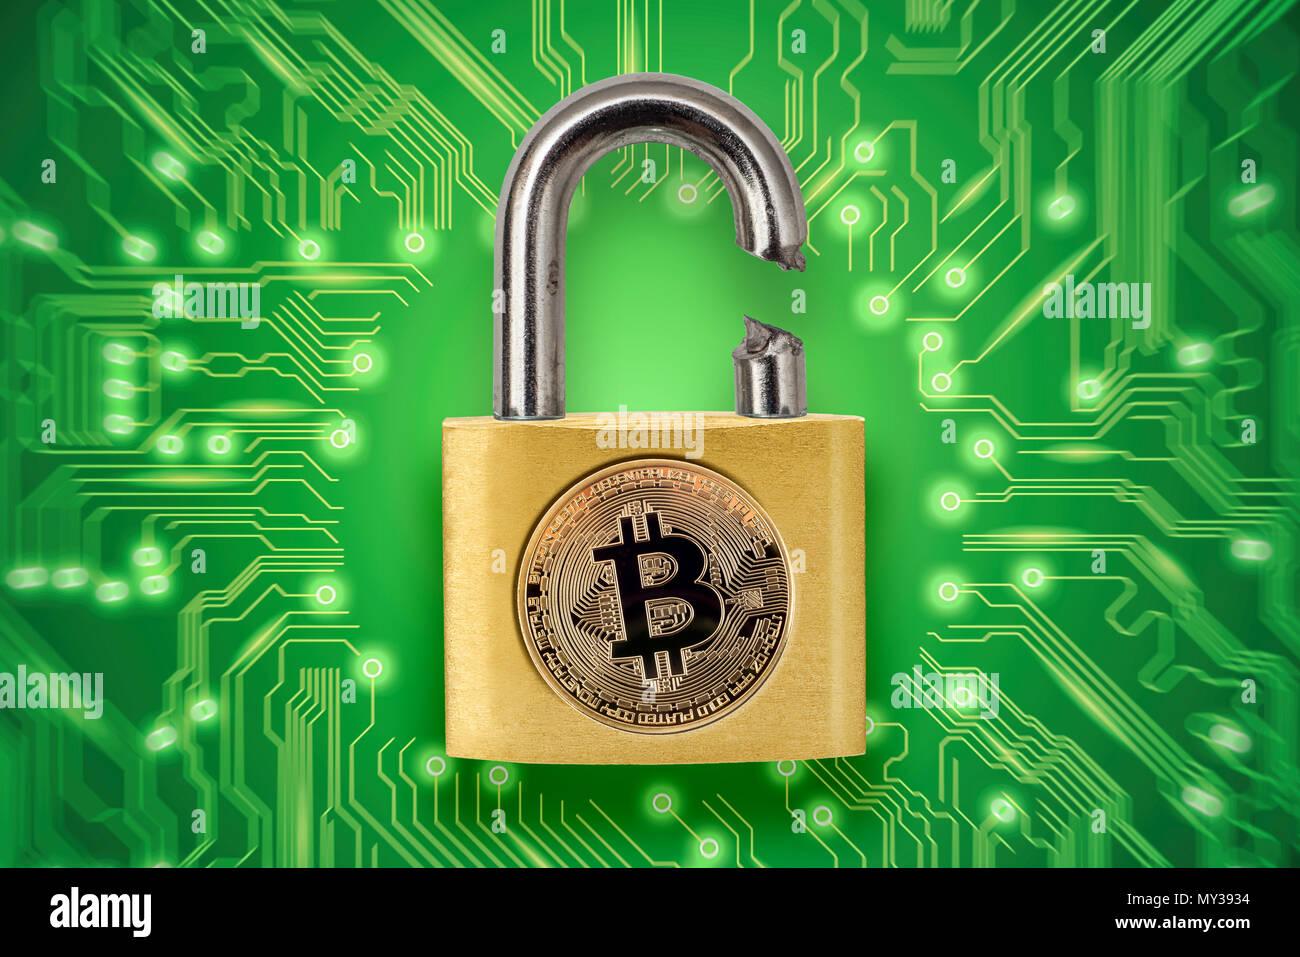 Rotto il lucchetto con logo bitcoin. Quadro concettuale illustrante crypto valuta l'hacking e il furto. Immagini Stock